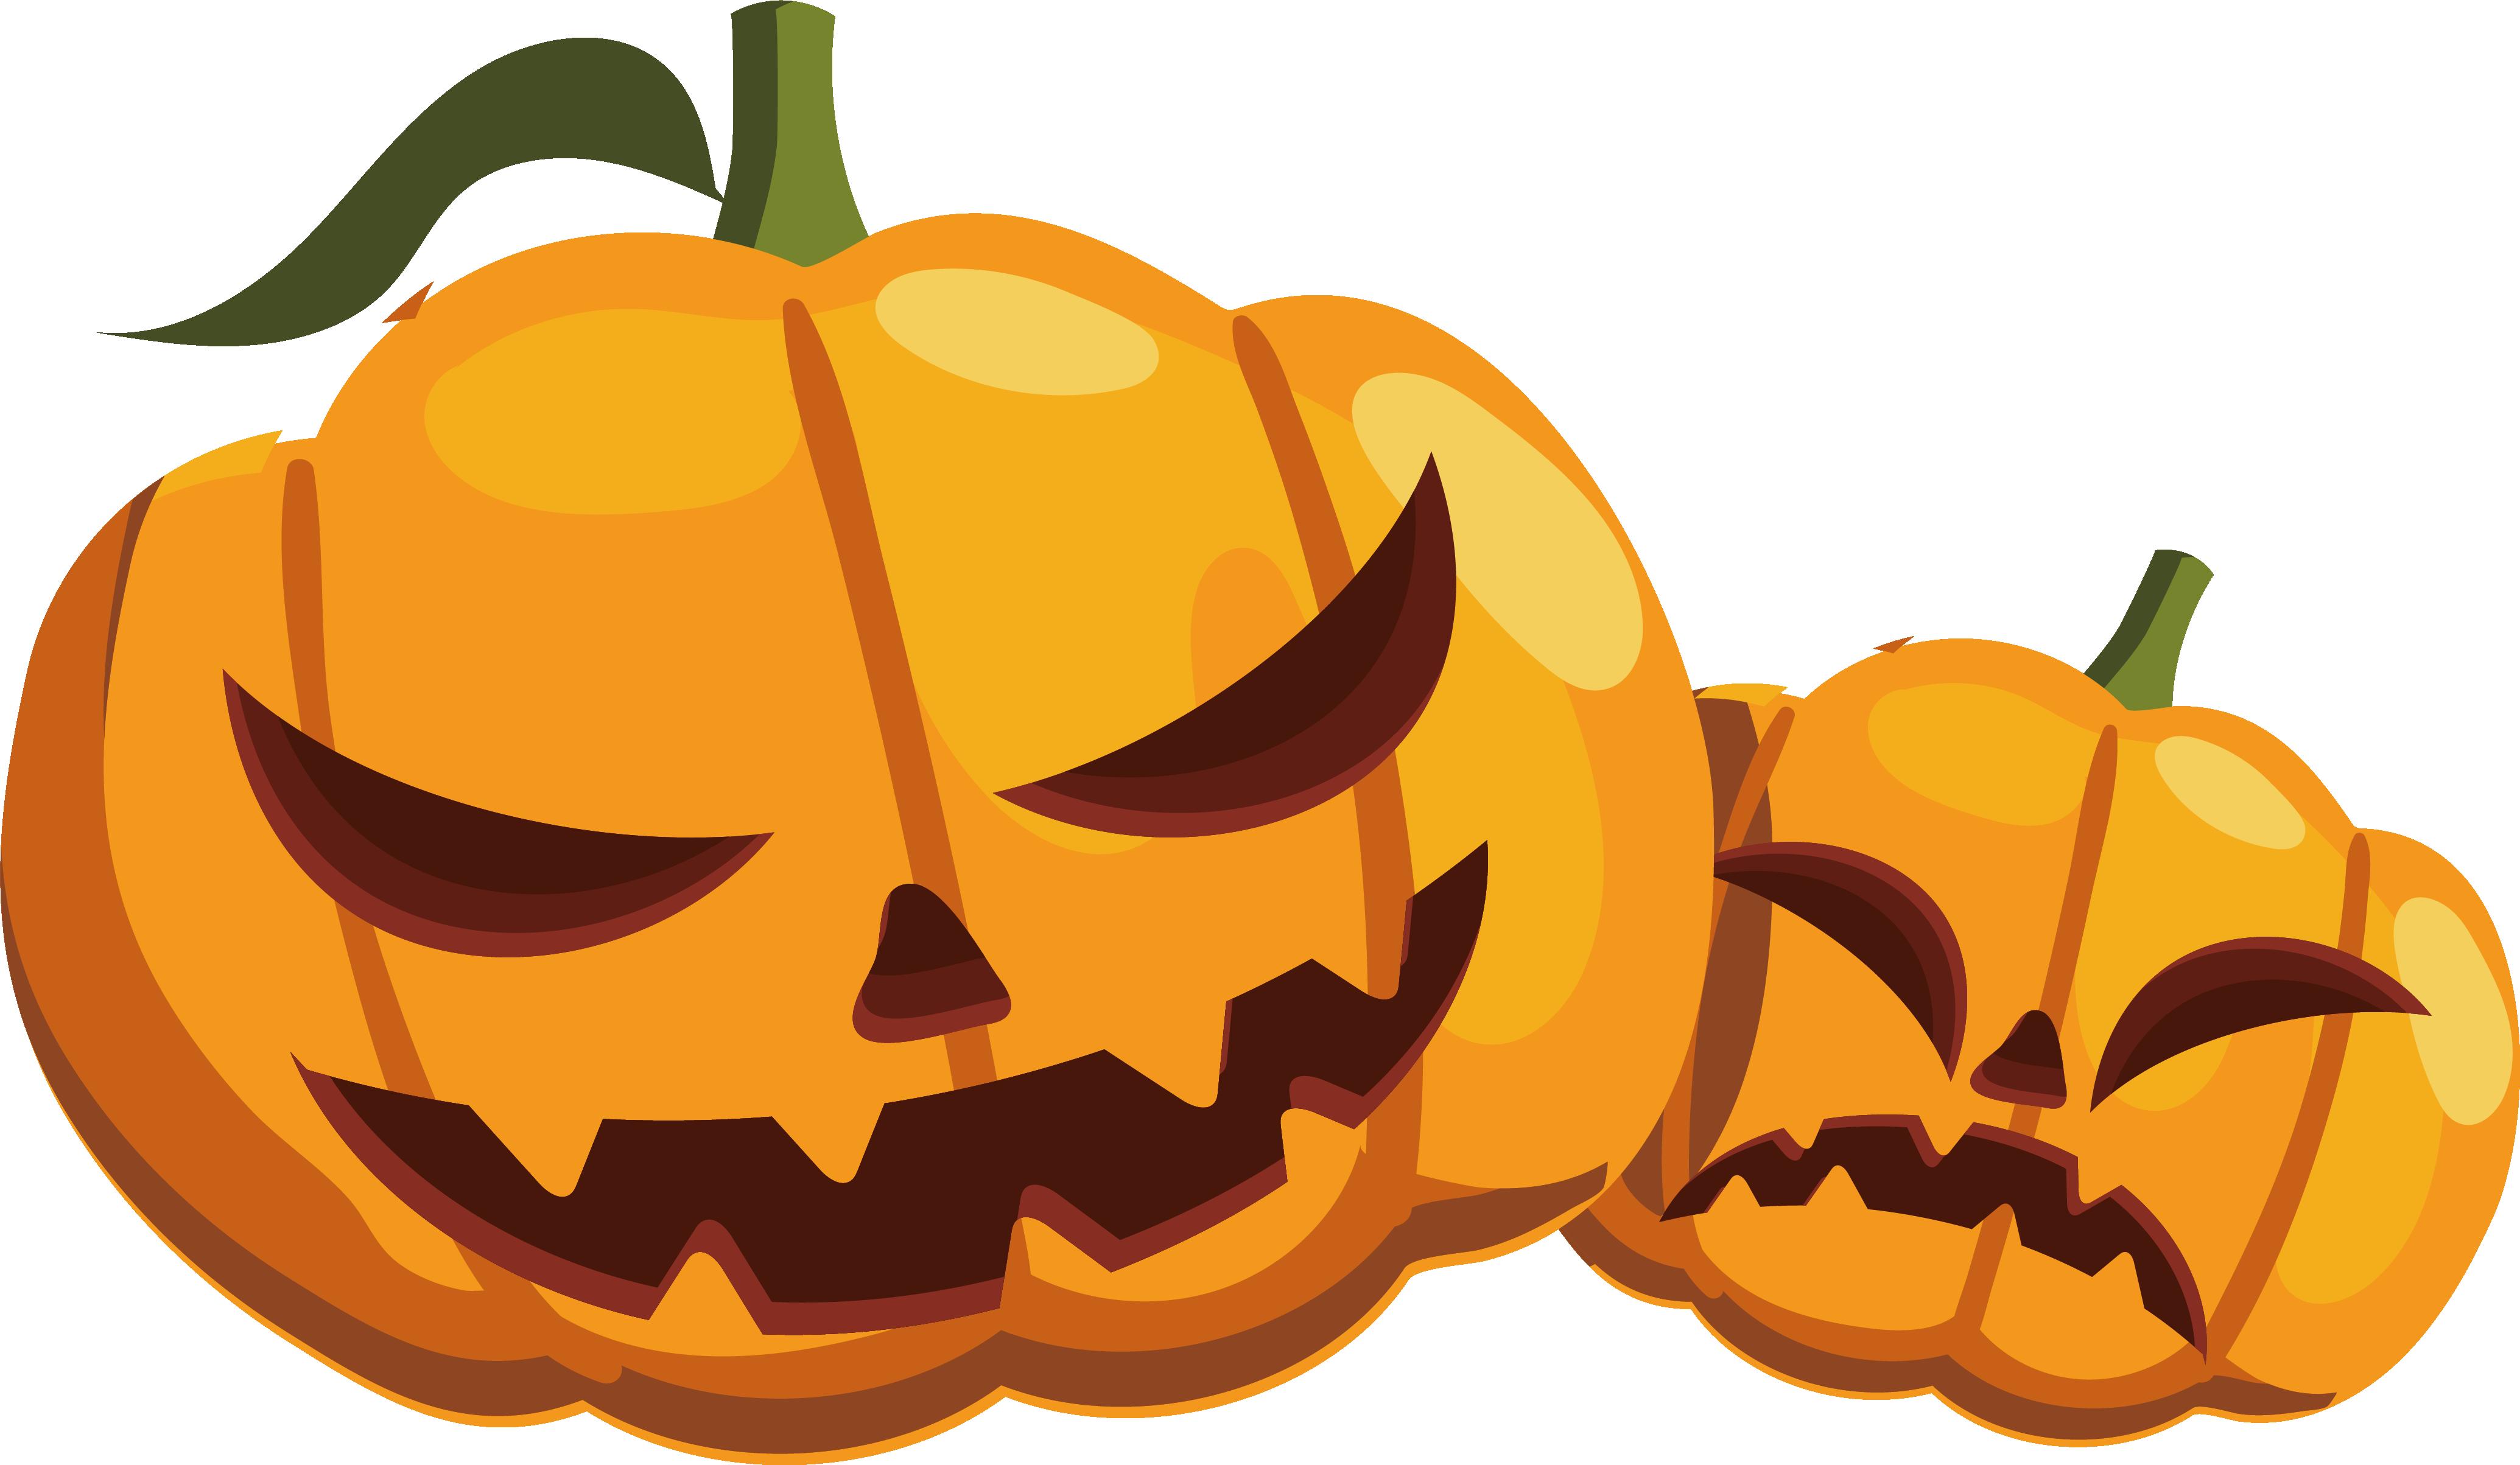 Calabaza halloween transprent png. Clipart pumpkin monster